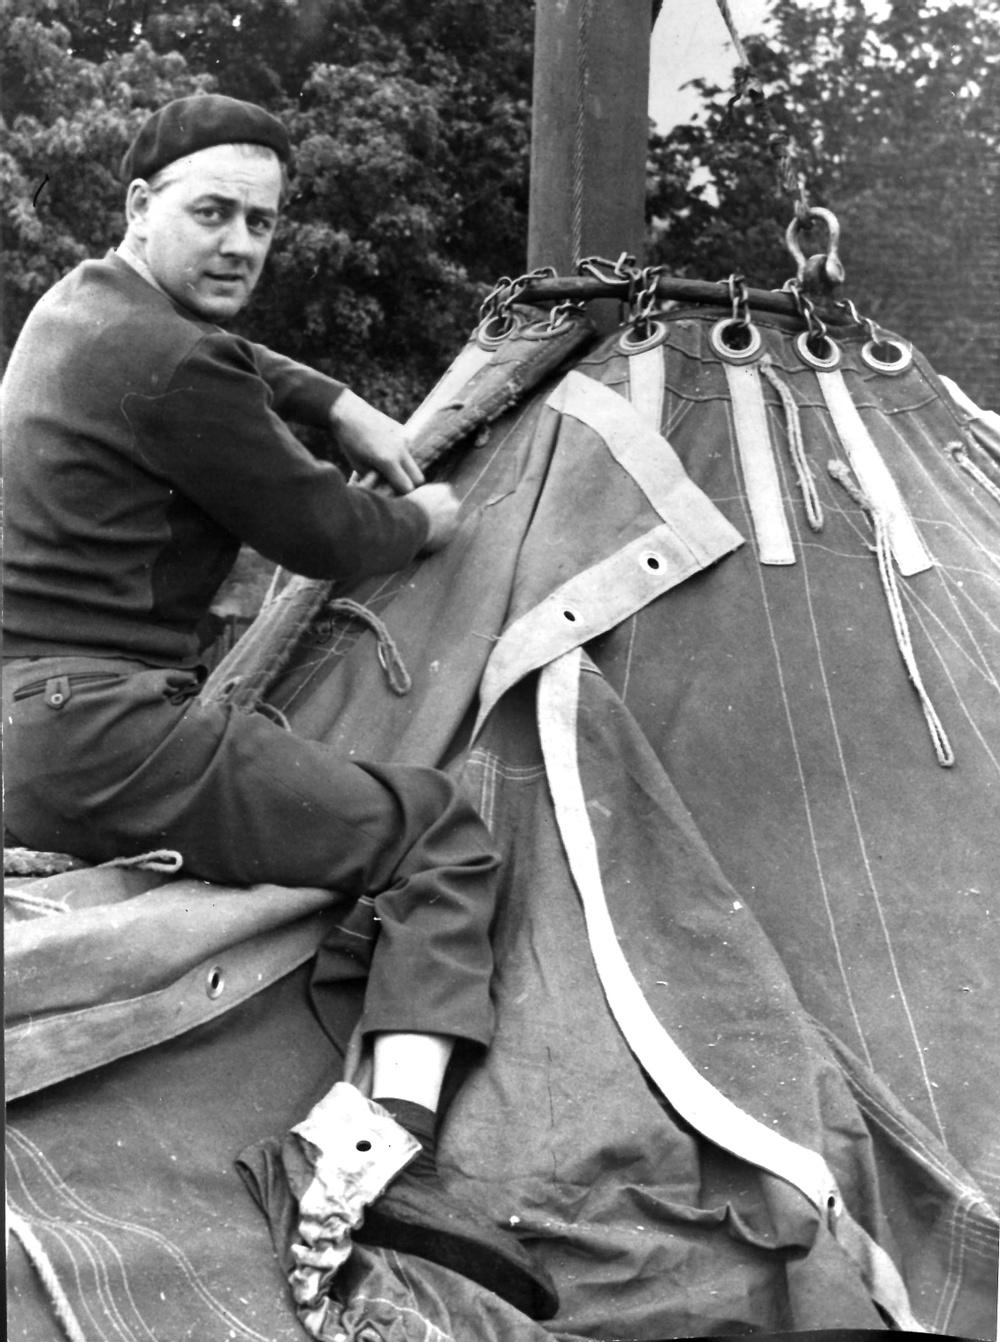 Att slå ned tältpålar och resa cirkustältet är ett hårt arbete. Ibland måste även en cirkusdirektör hjälpa till, här Trolle Rhodin Senior. Originalfotot tillhör Diana Rhodin.